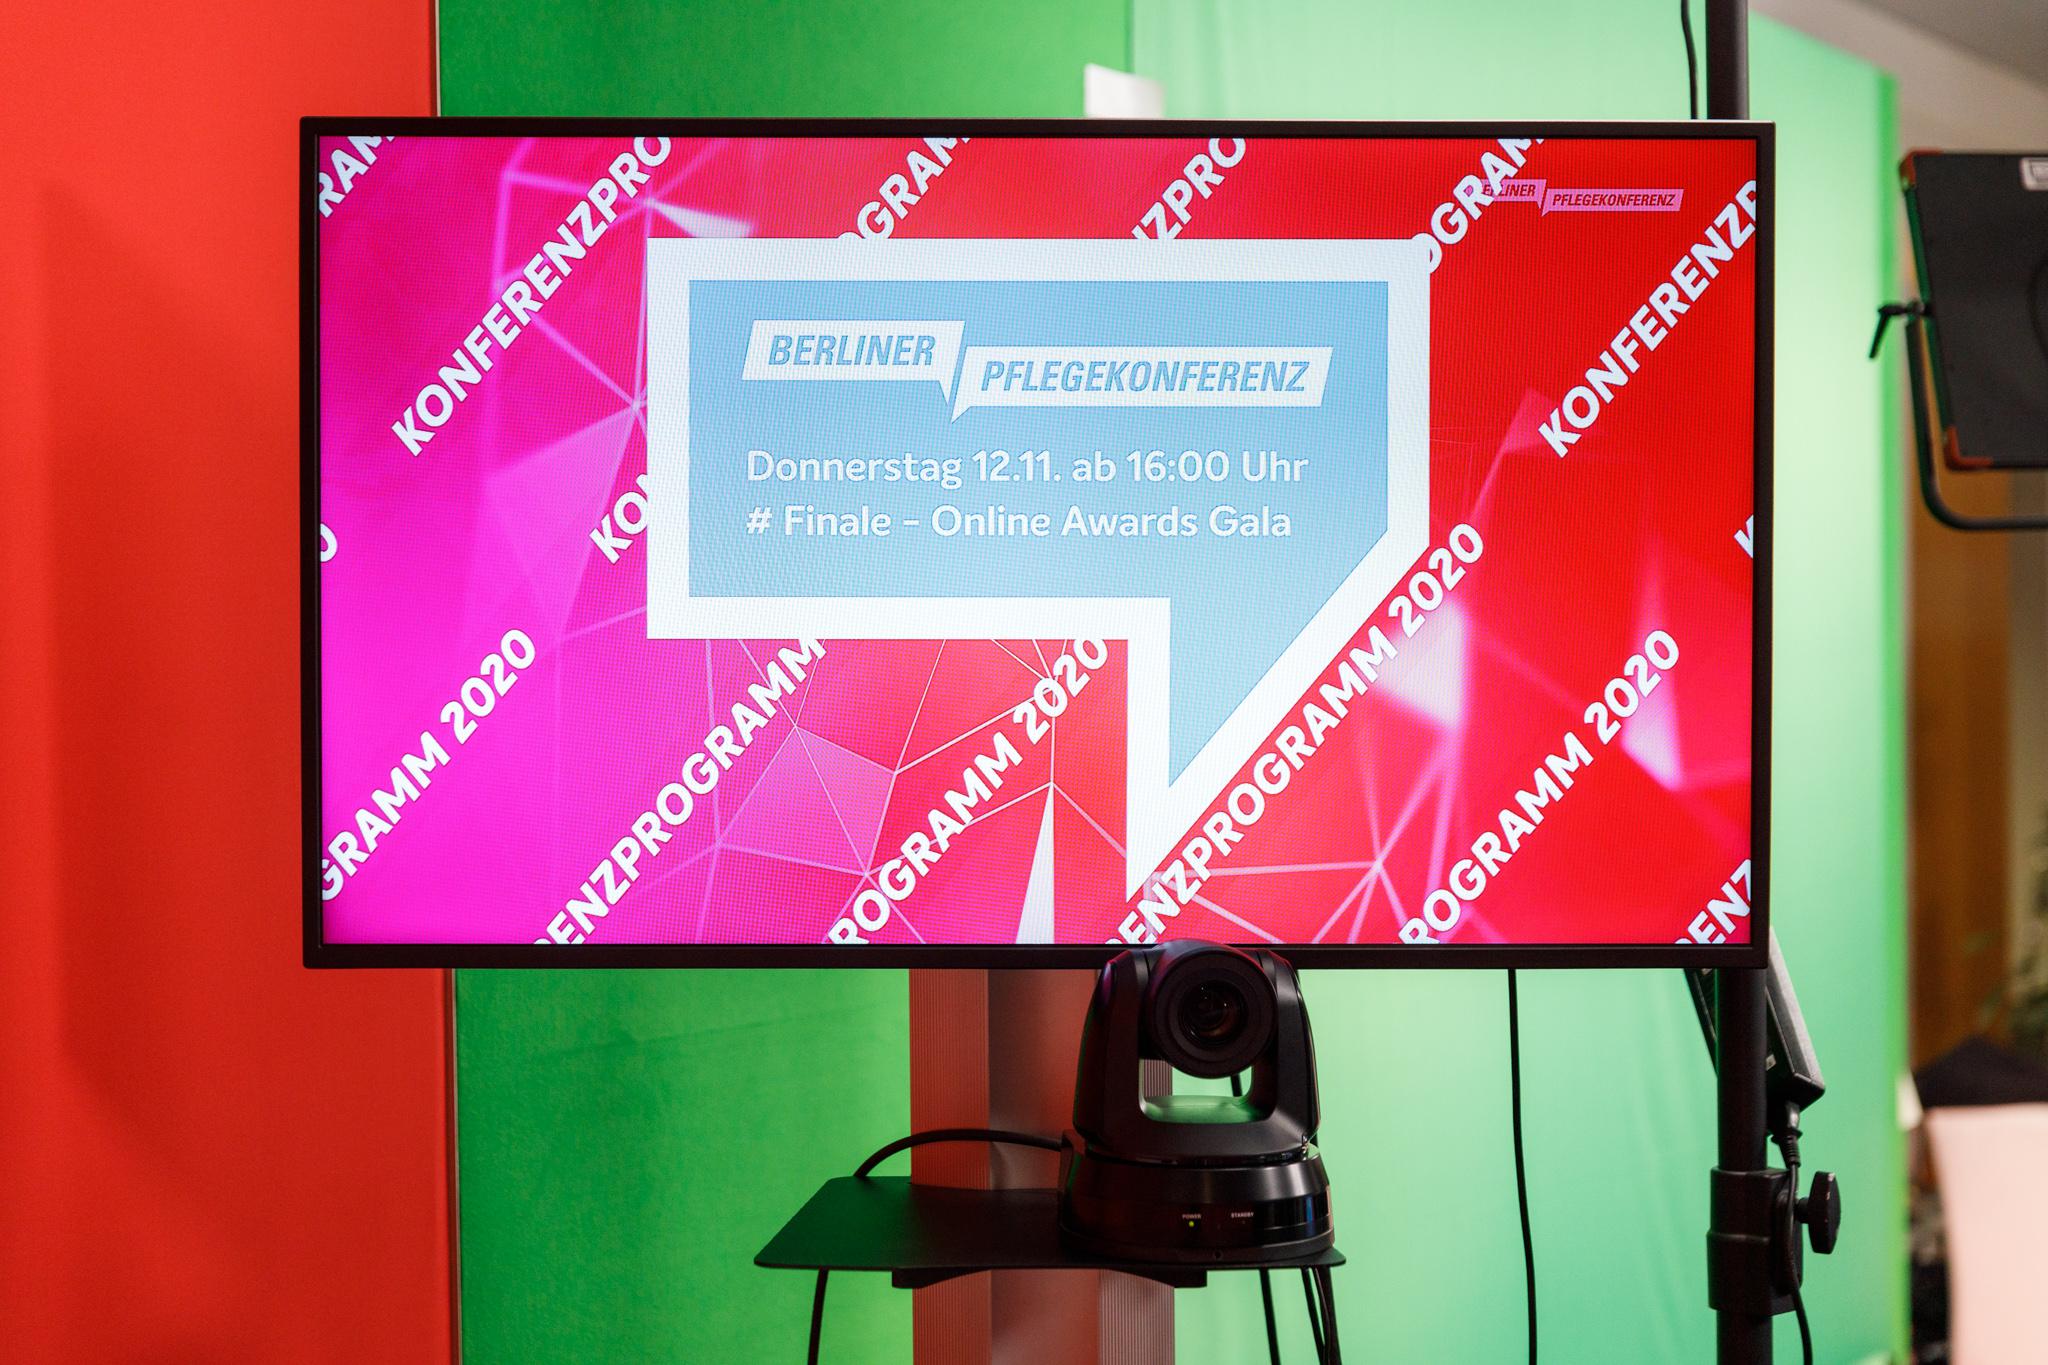 Berliner Pflegekonferenz 2020, Foto: Stefan Wieland 2020